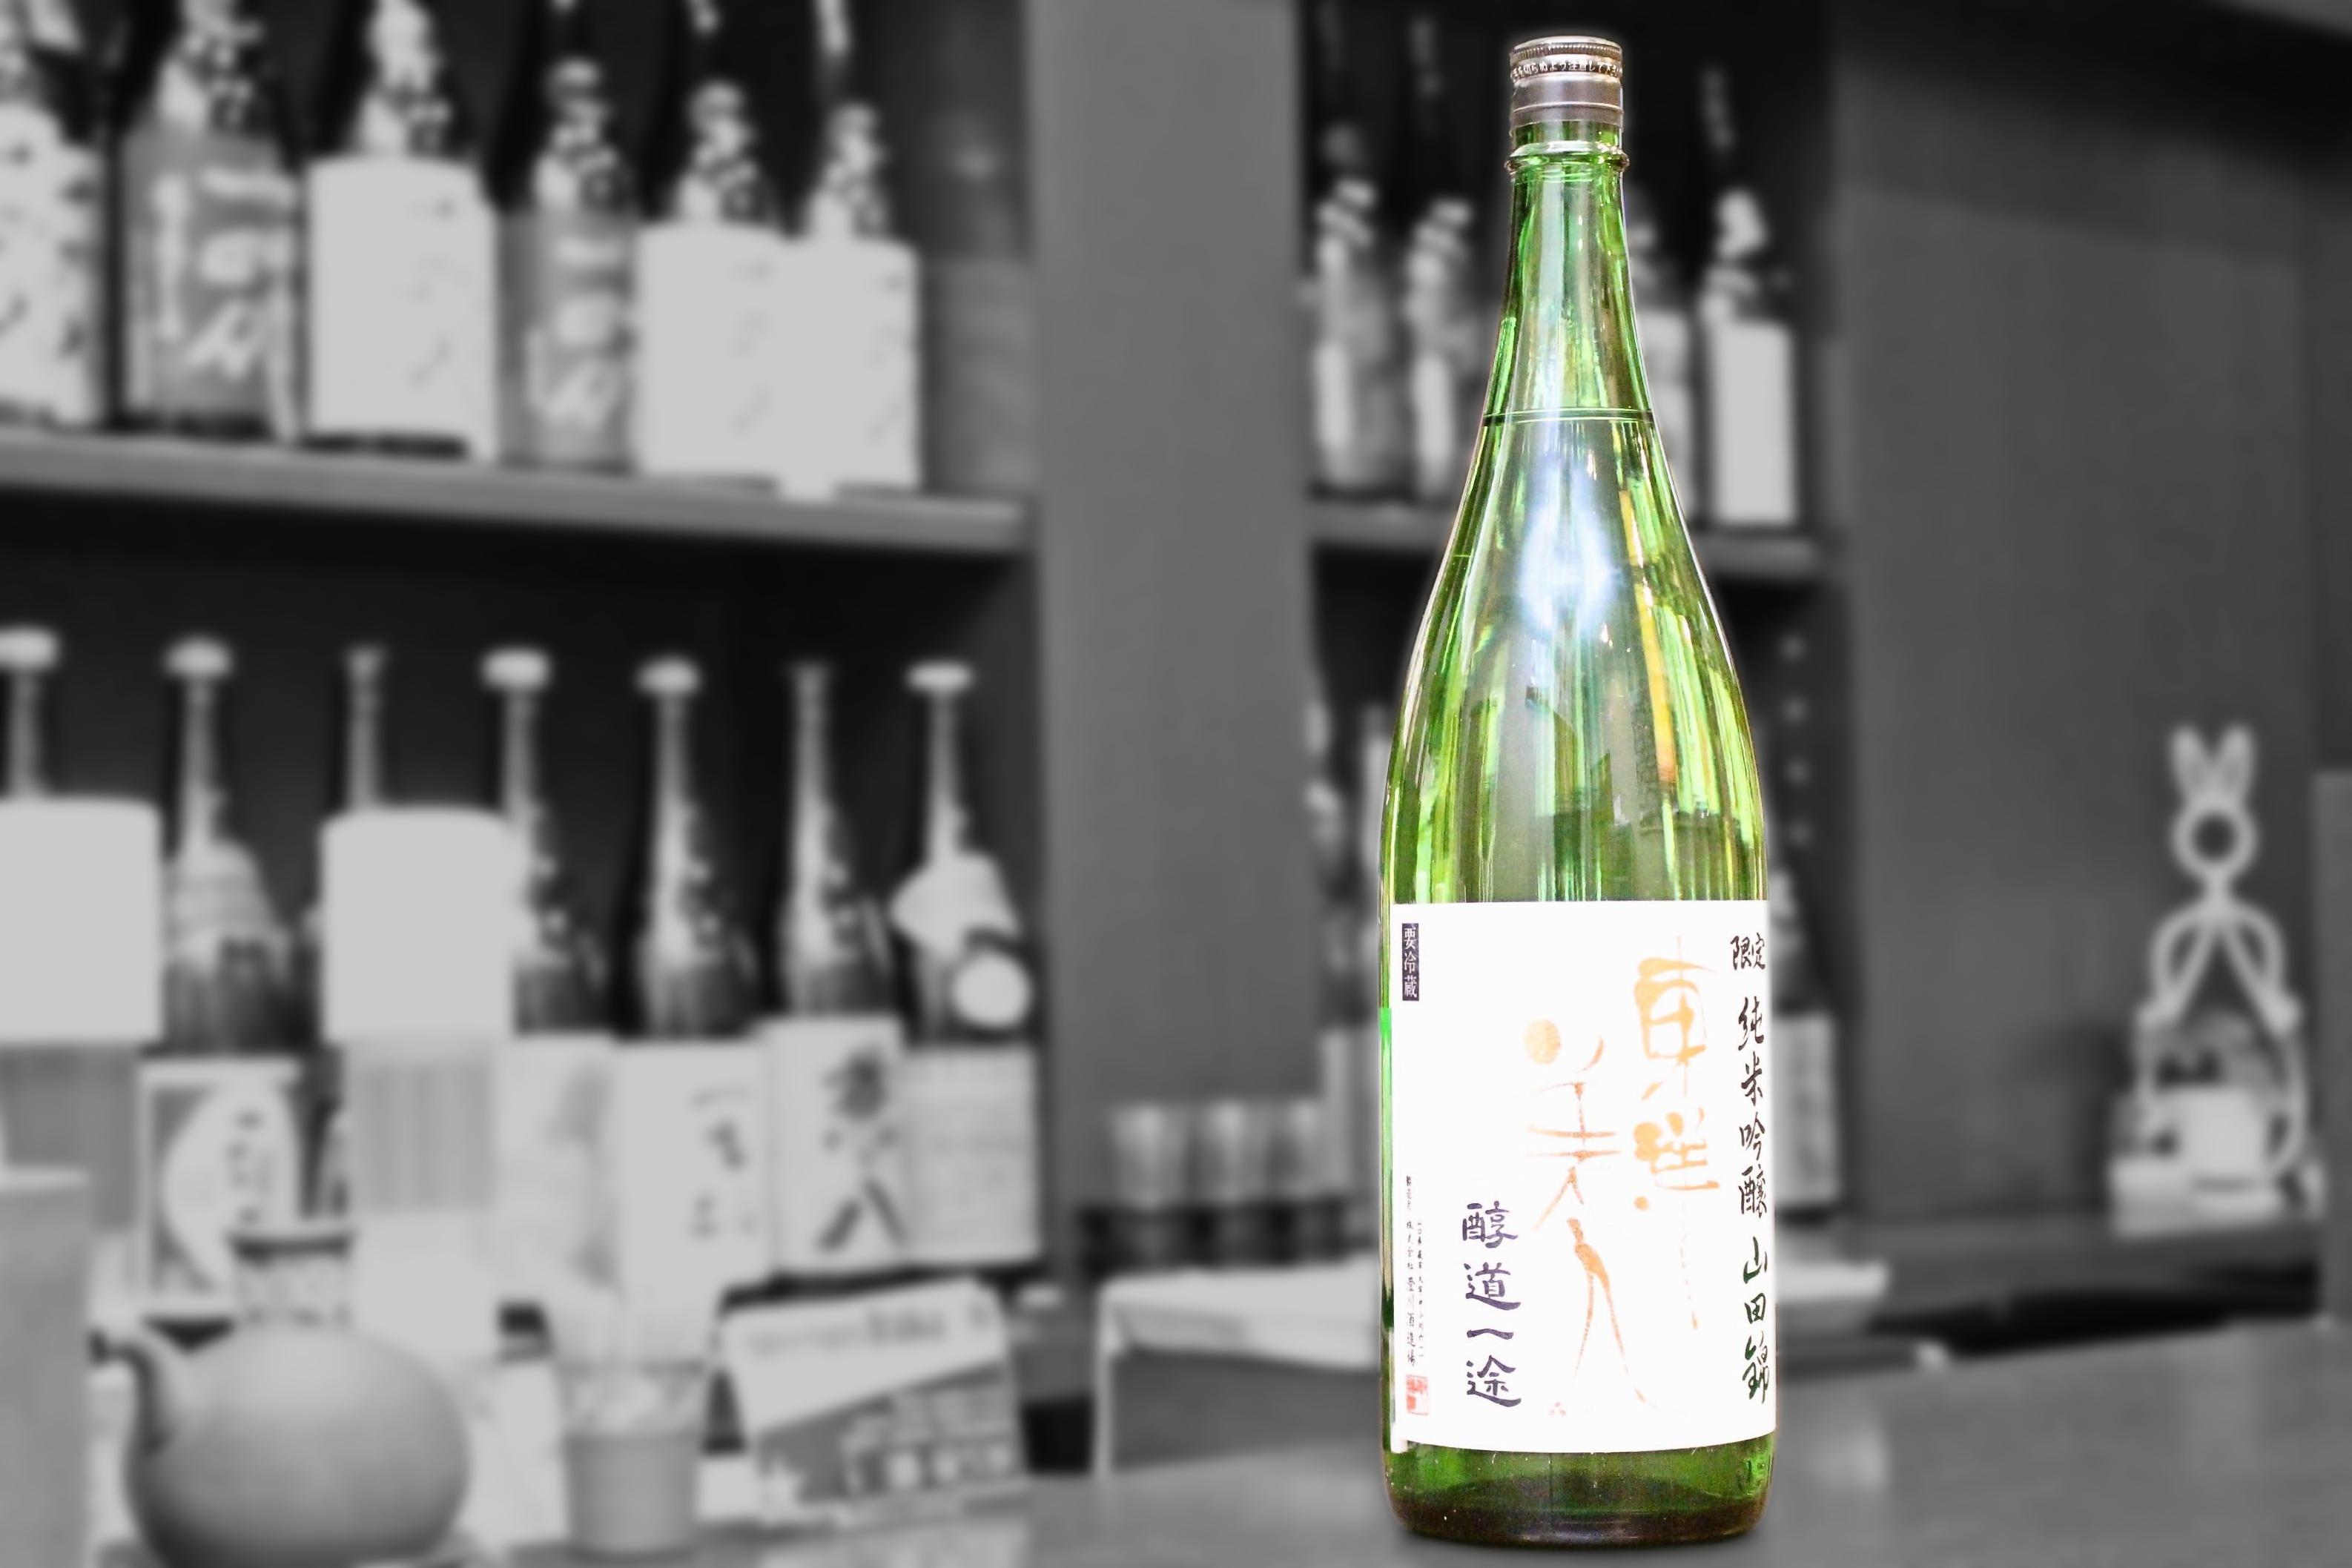 東洋美人醇道一途純米吟醸山田錦202004-001